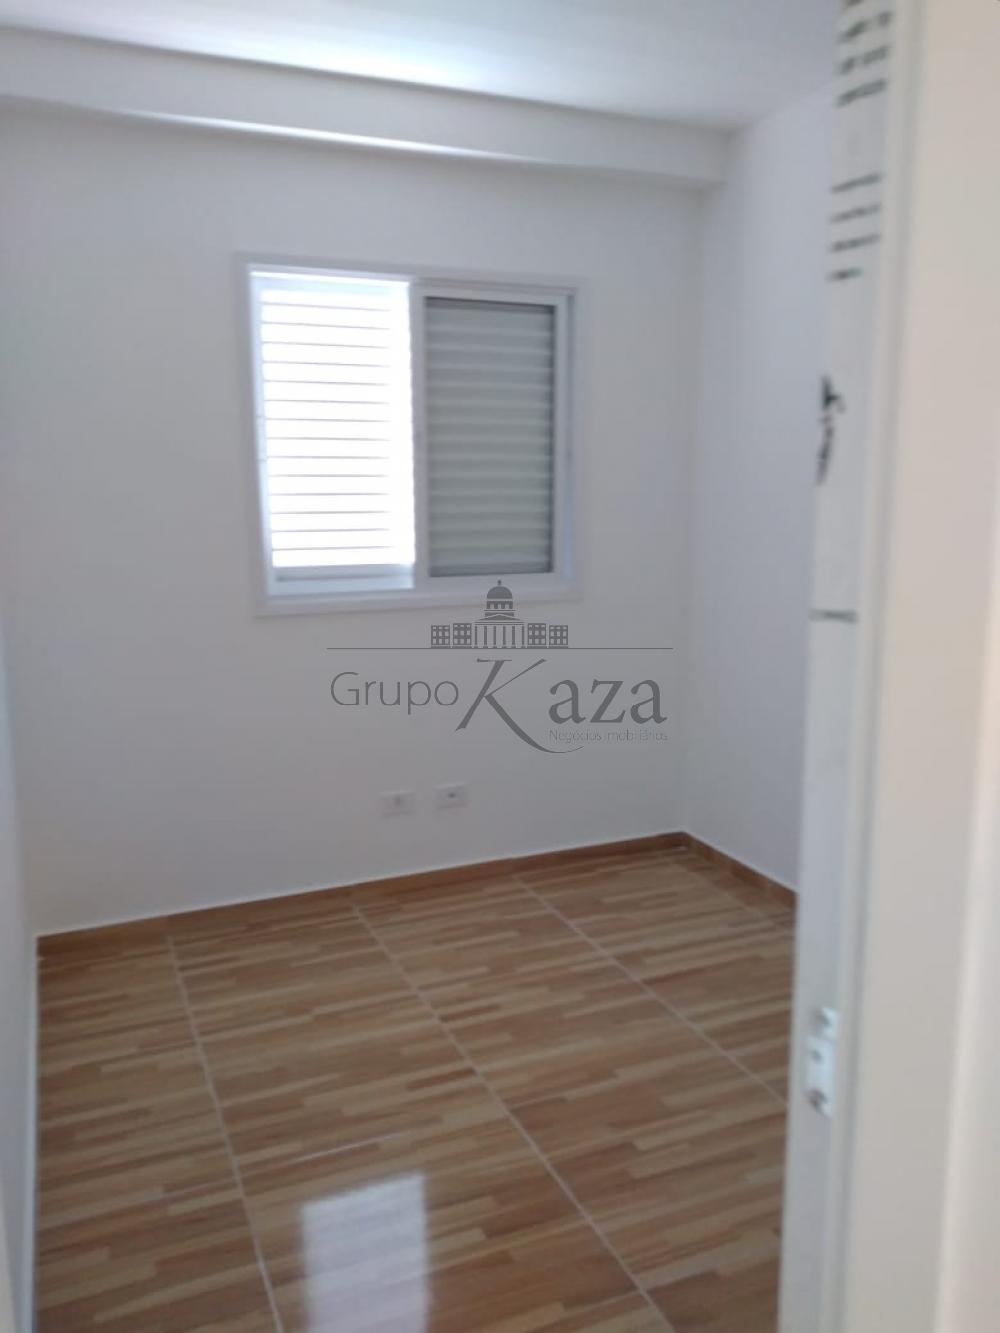 Alugar Apartamento / Padrão em São José dos Campos R$ 1.500,00 - Foto 8